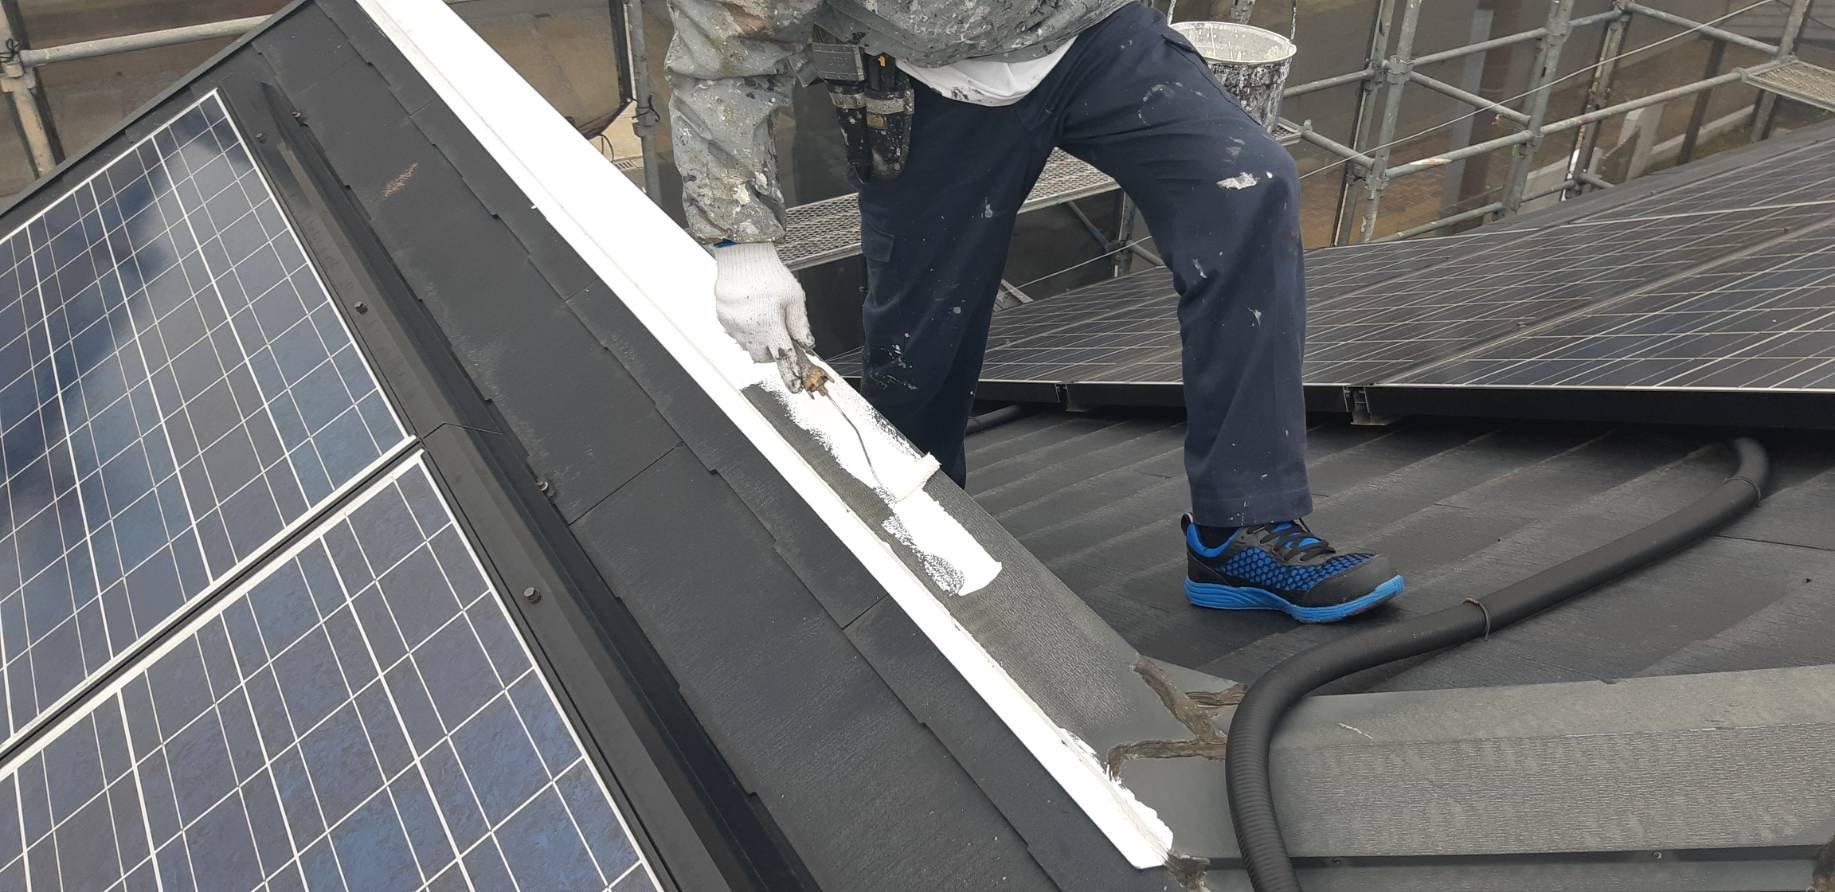 福岡県古賀市美明S 様邸施工3日目屋根下塗り軒天塗装付帯塗装作業